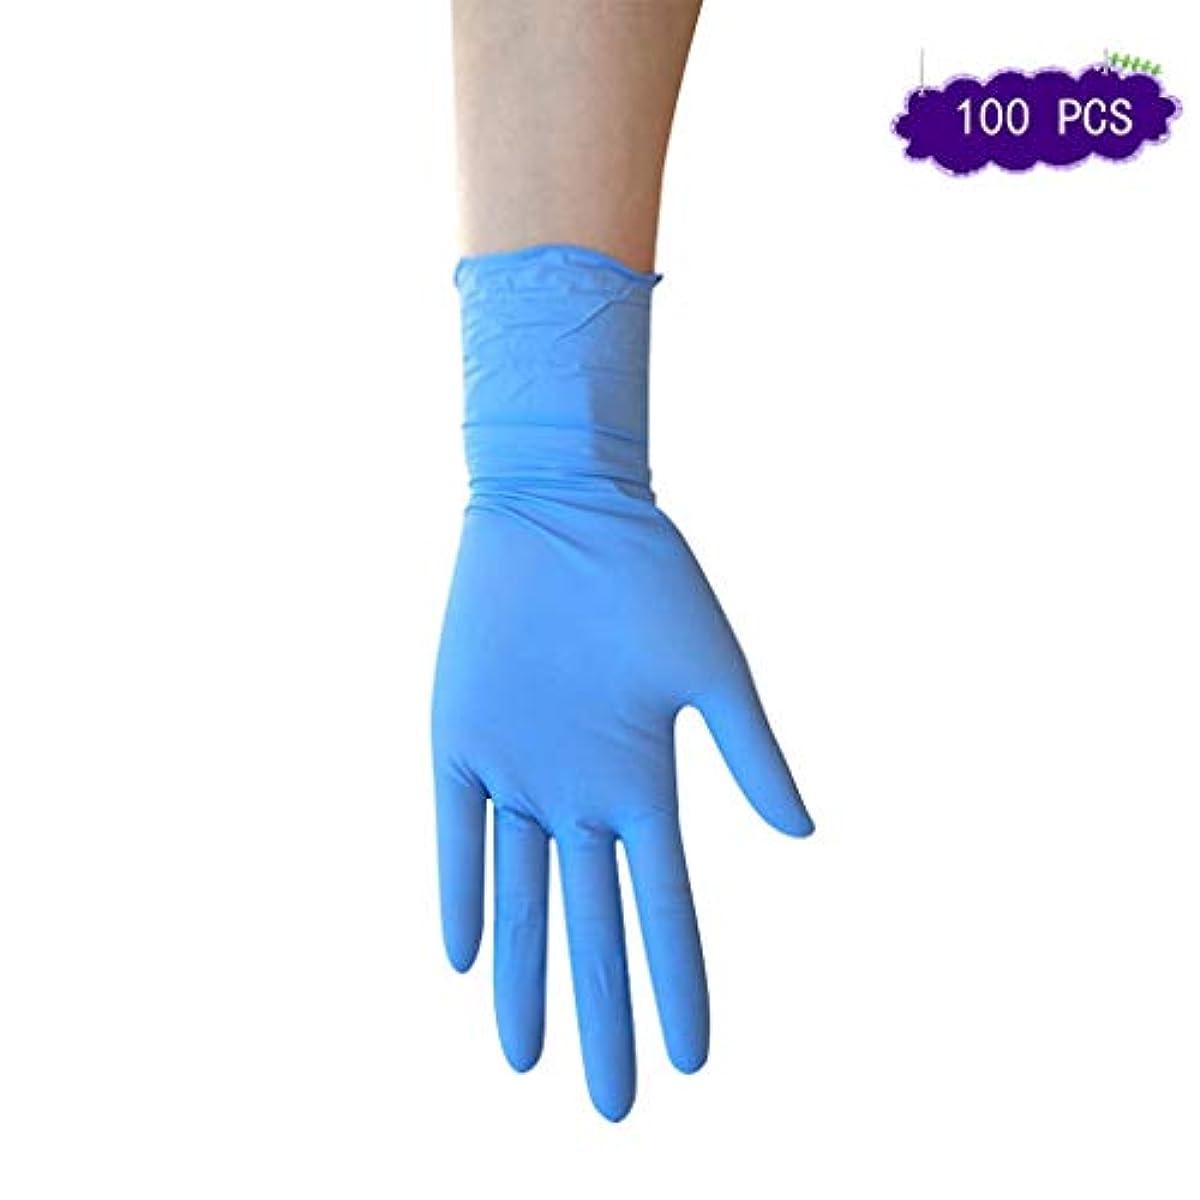 フェードアウトスキャンダル鉛使い捨てラテックス手袋ニトリル低温保護医療滅菌手袋9インチブルースキッド手袋なしパウダー (Color : 9 inch, Size : S)